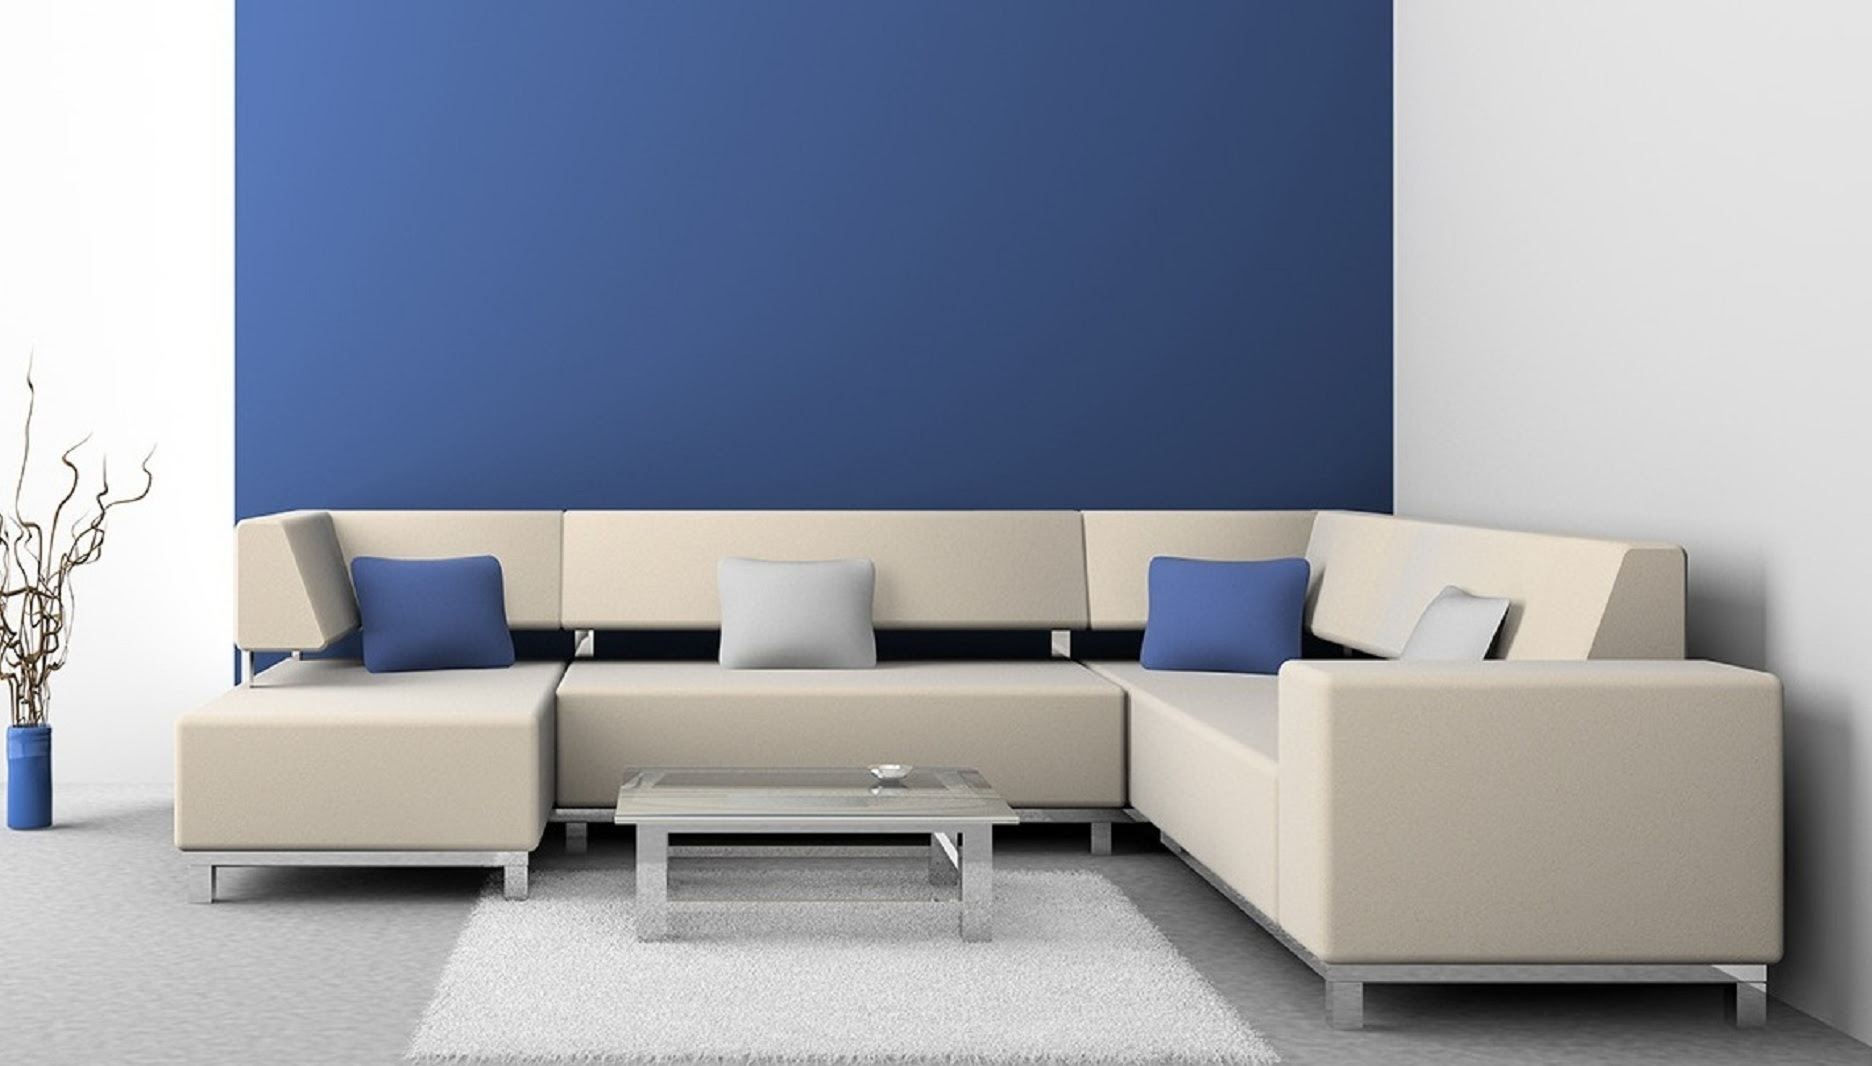 Harga Sofa Minimalis Untuk Ruang Tamu Kecil Desain Rumah Minimalis